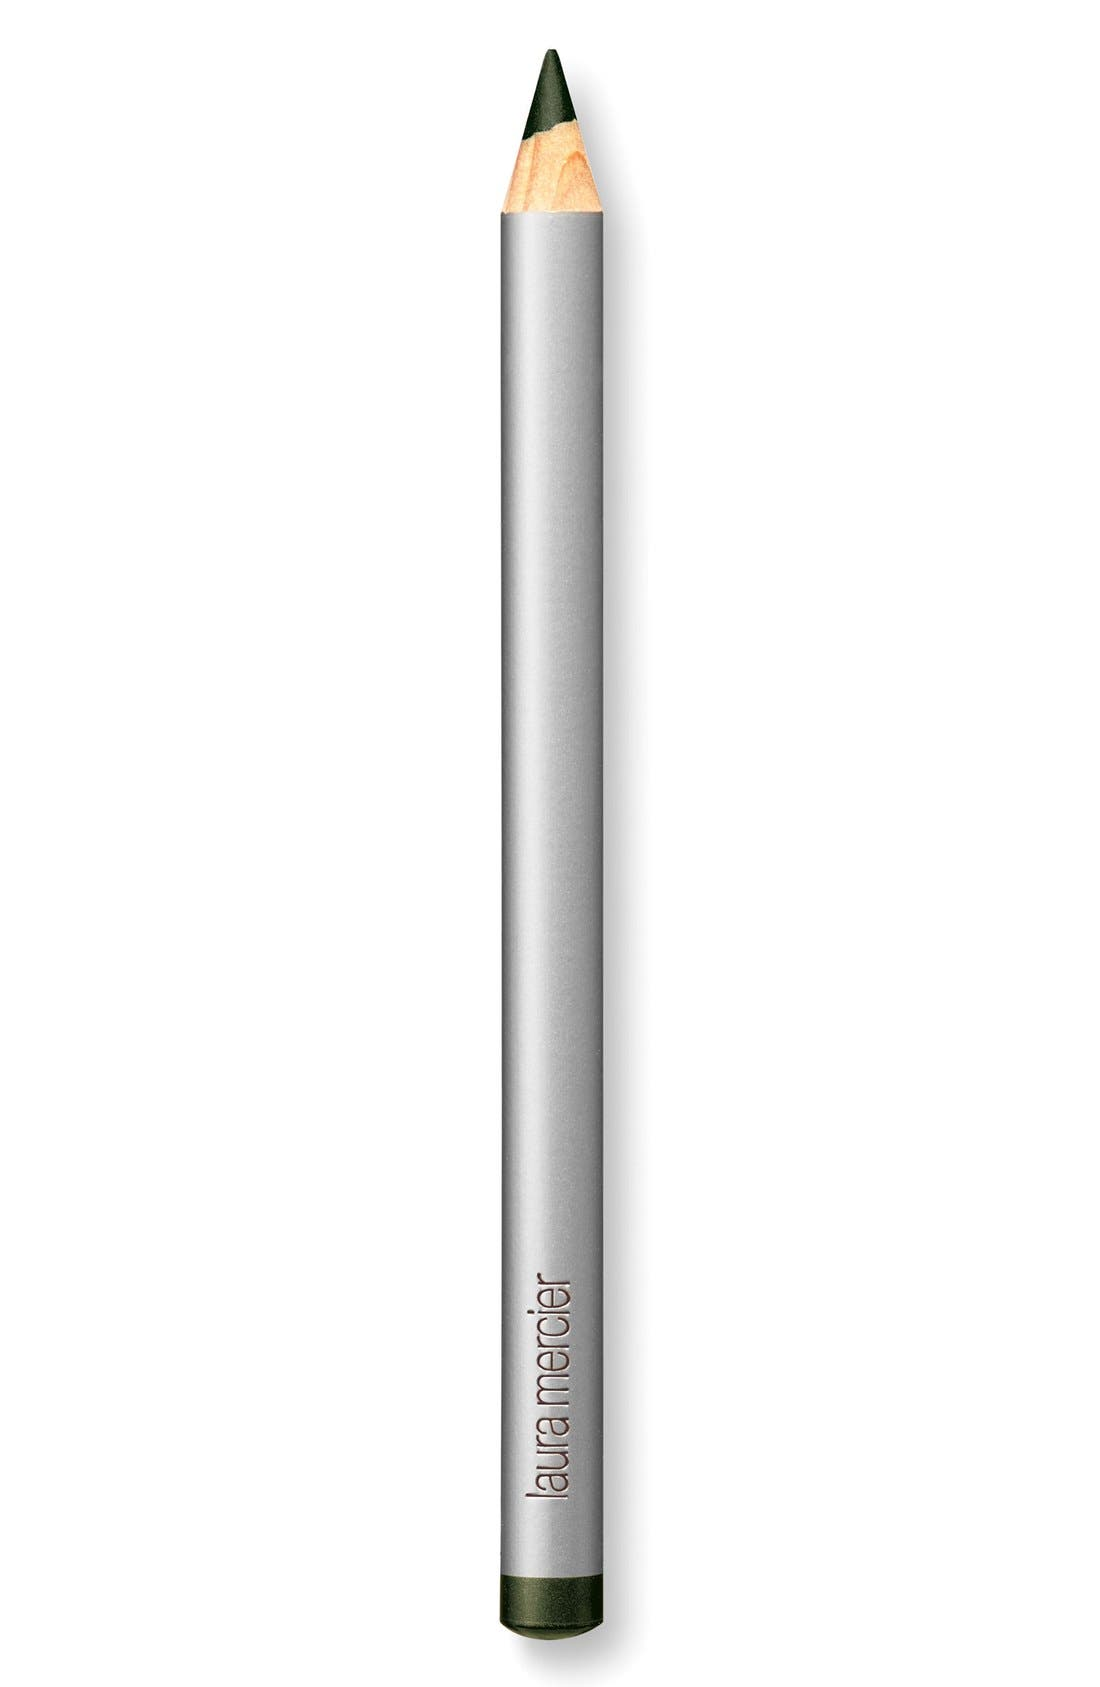 Kohl Eye Pencil,                             Main thumbnail 3, color,